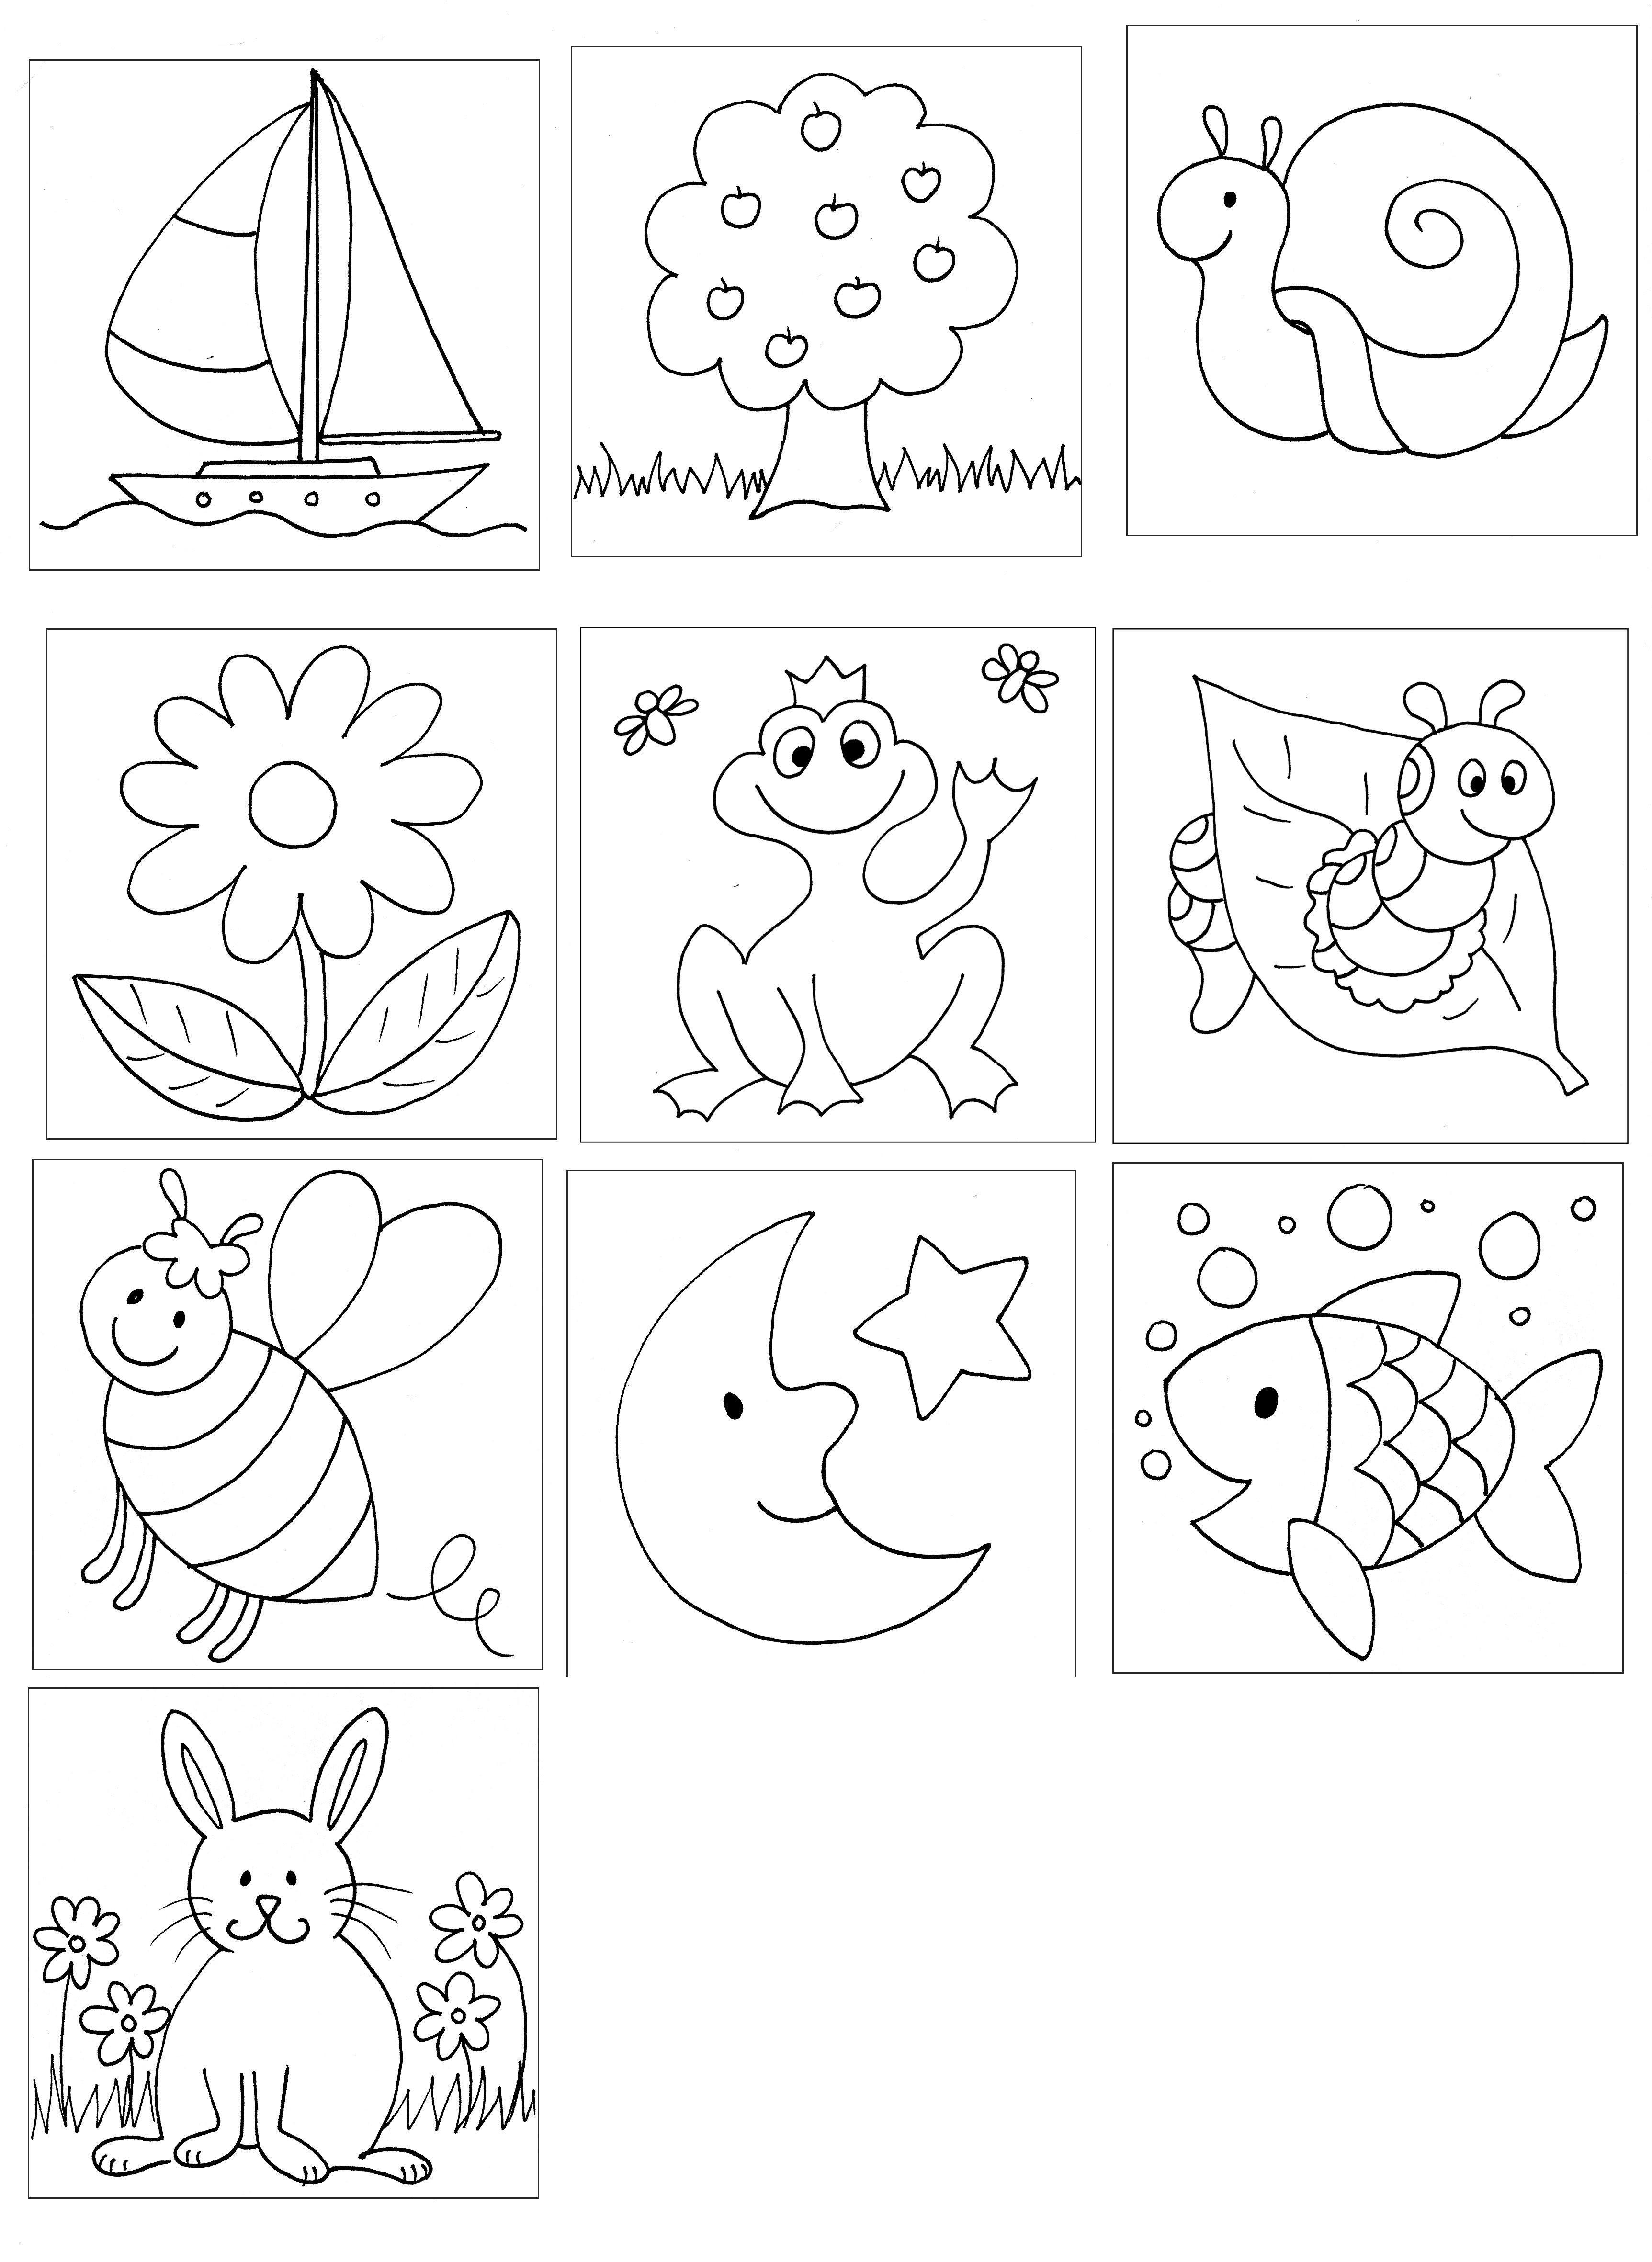 Ausmalbilder Von Violetta Frisch Ausmalbilder Von Violetta Schön Alle Vorlagen 3450—4724 Obrázky Stock